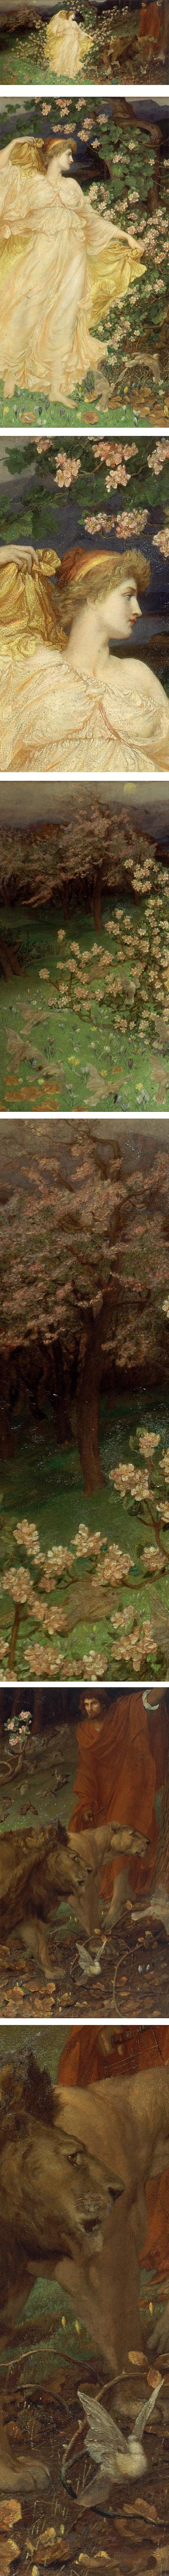 Venus and Anchises, William Blake Richmond